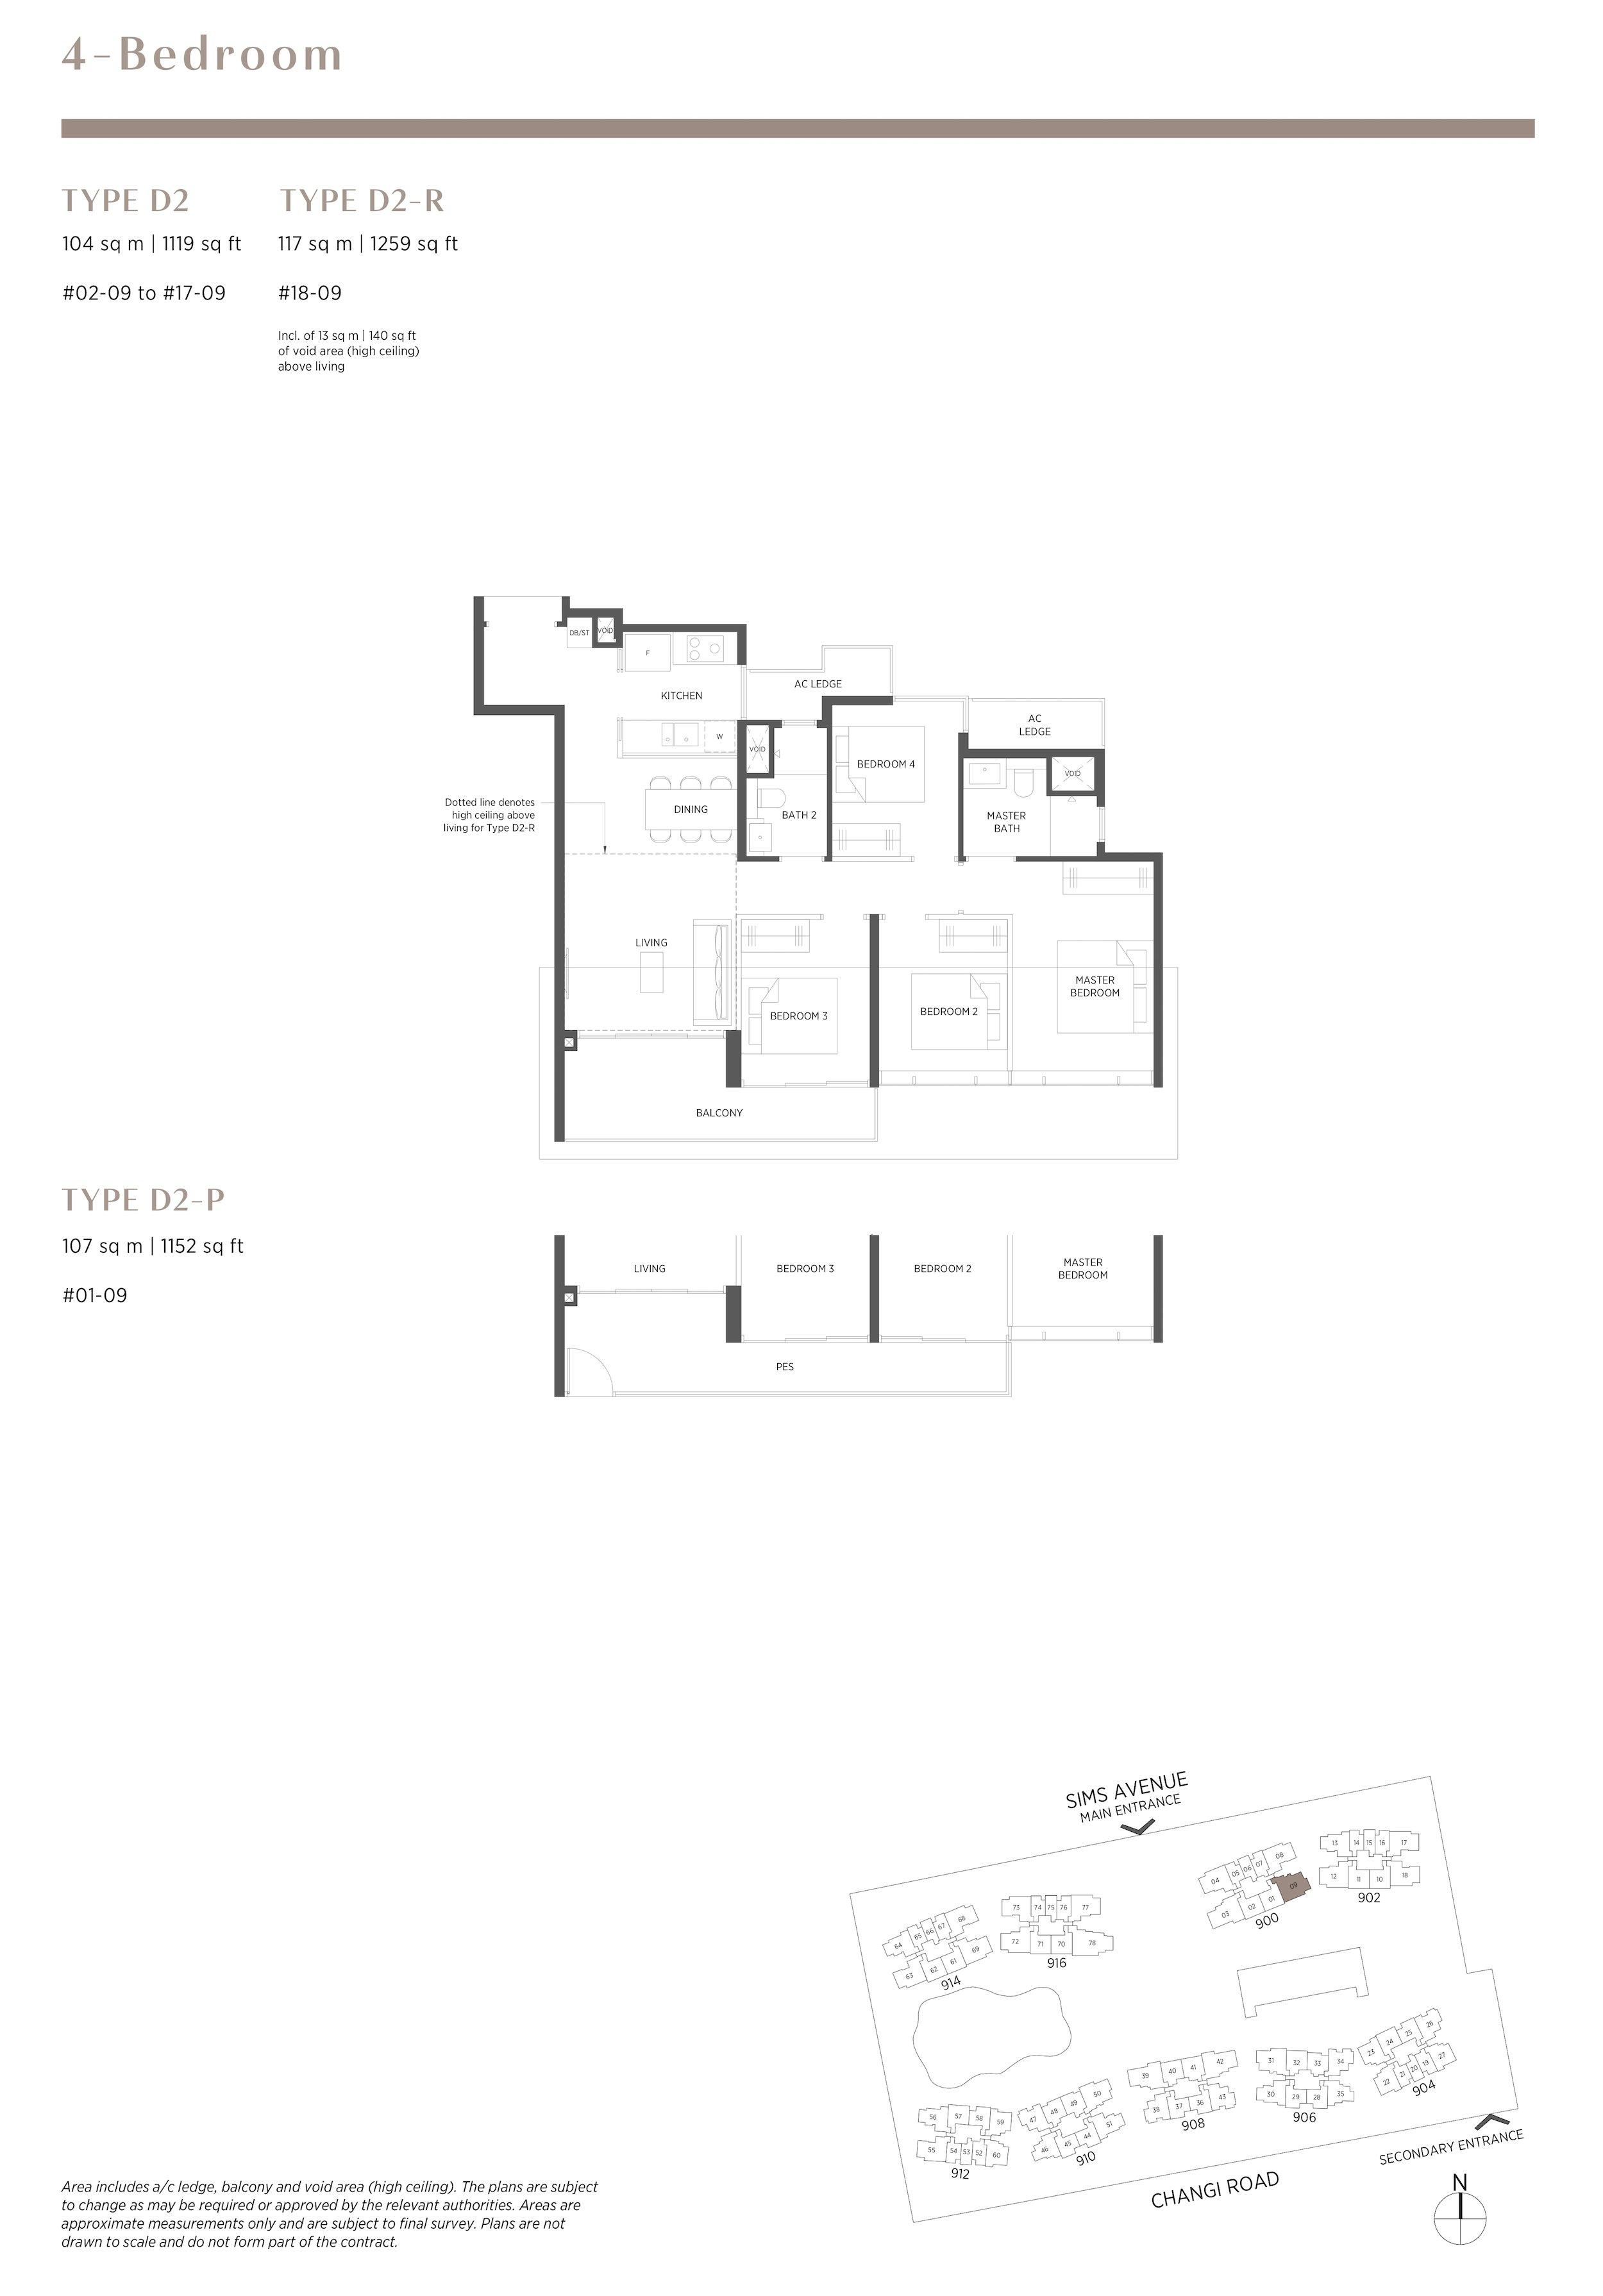 Parc Esta 东景苑 4 bedroom 4卧房 D2